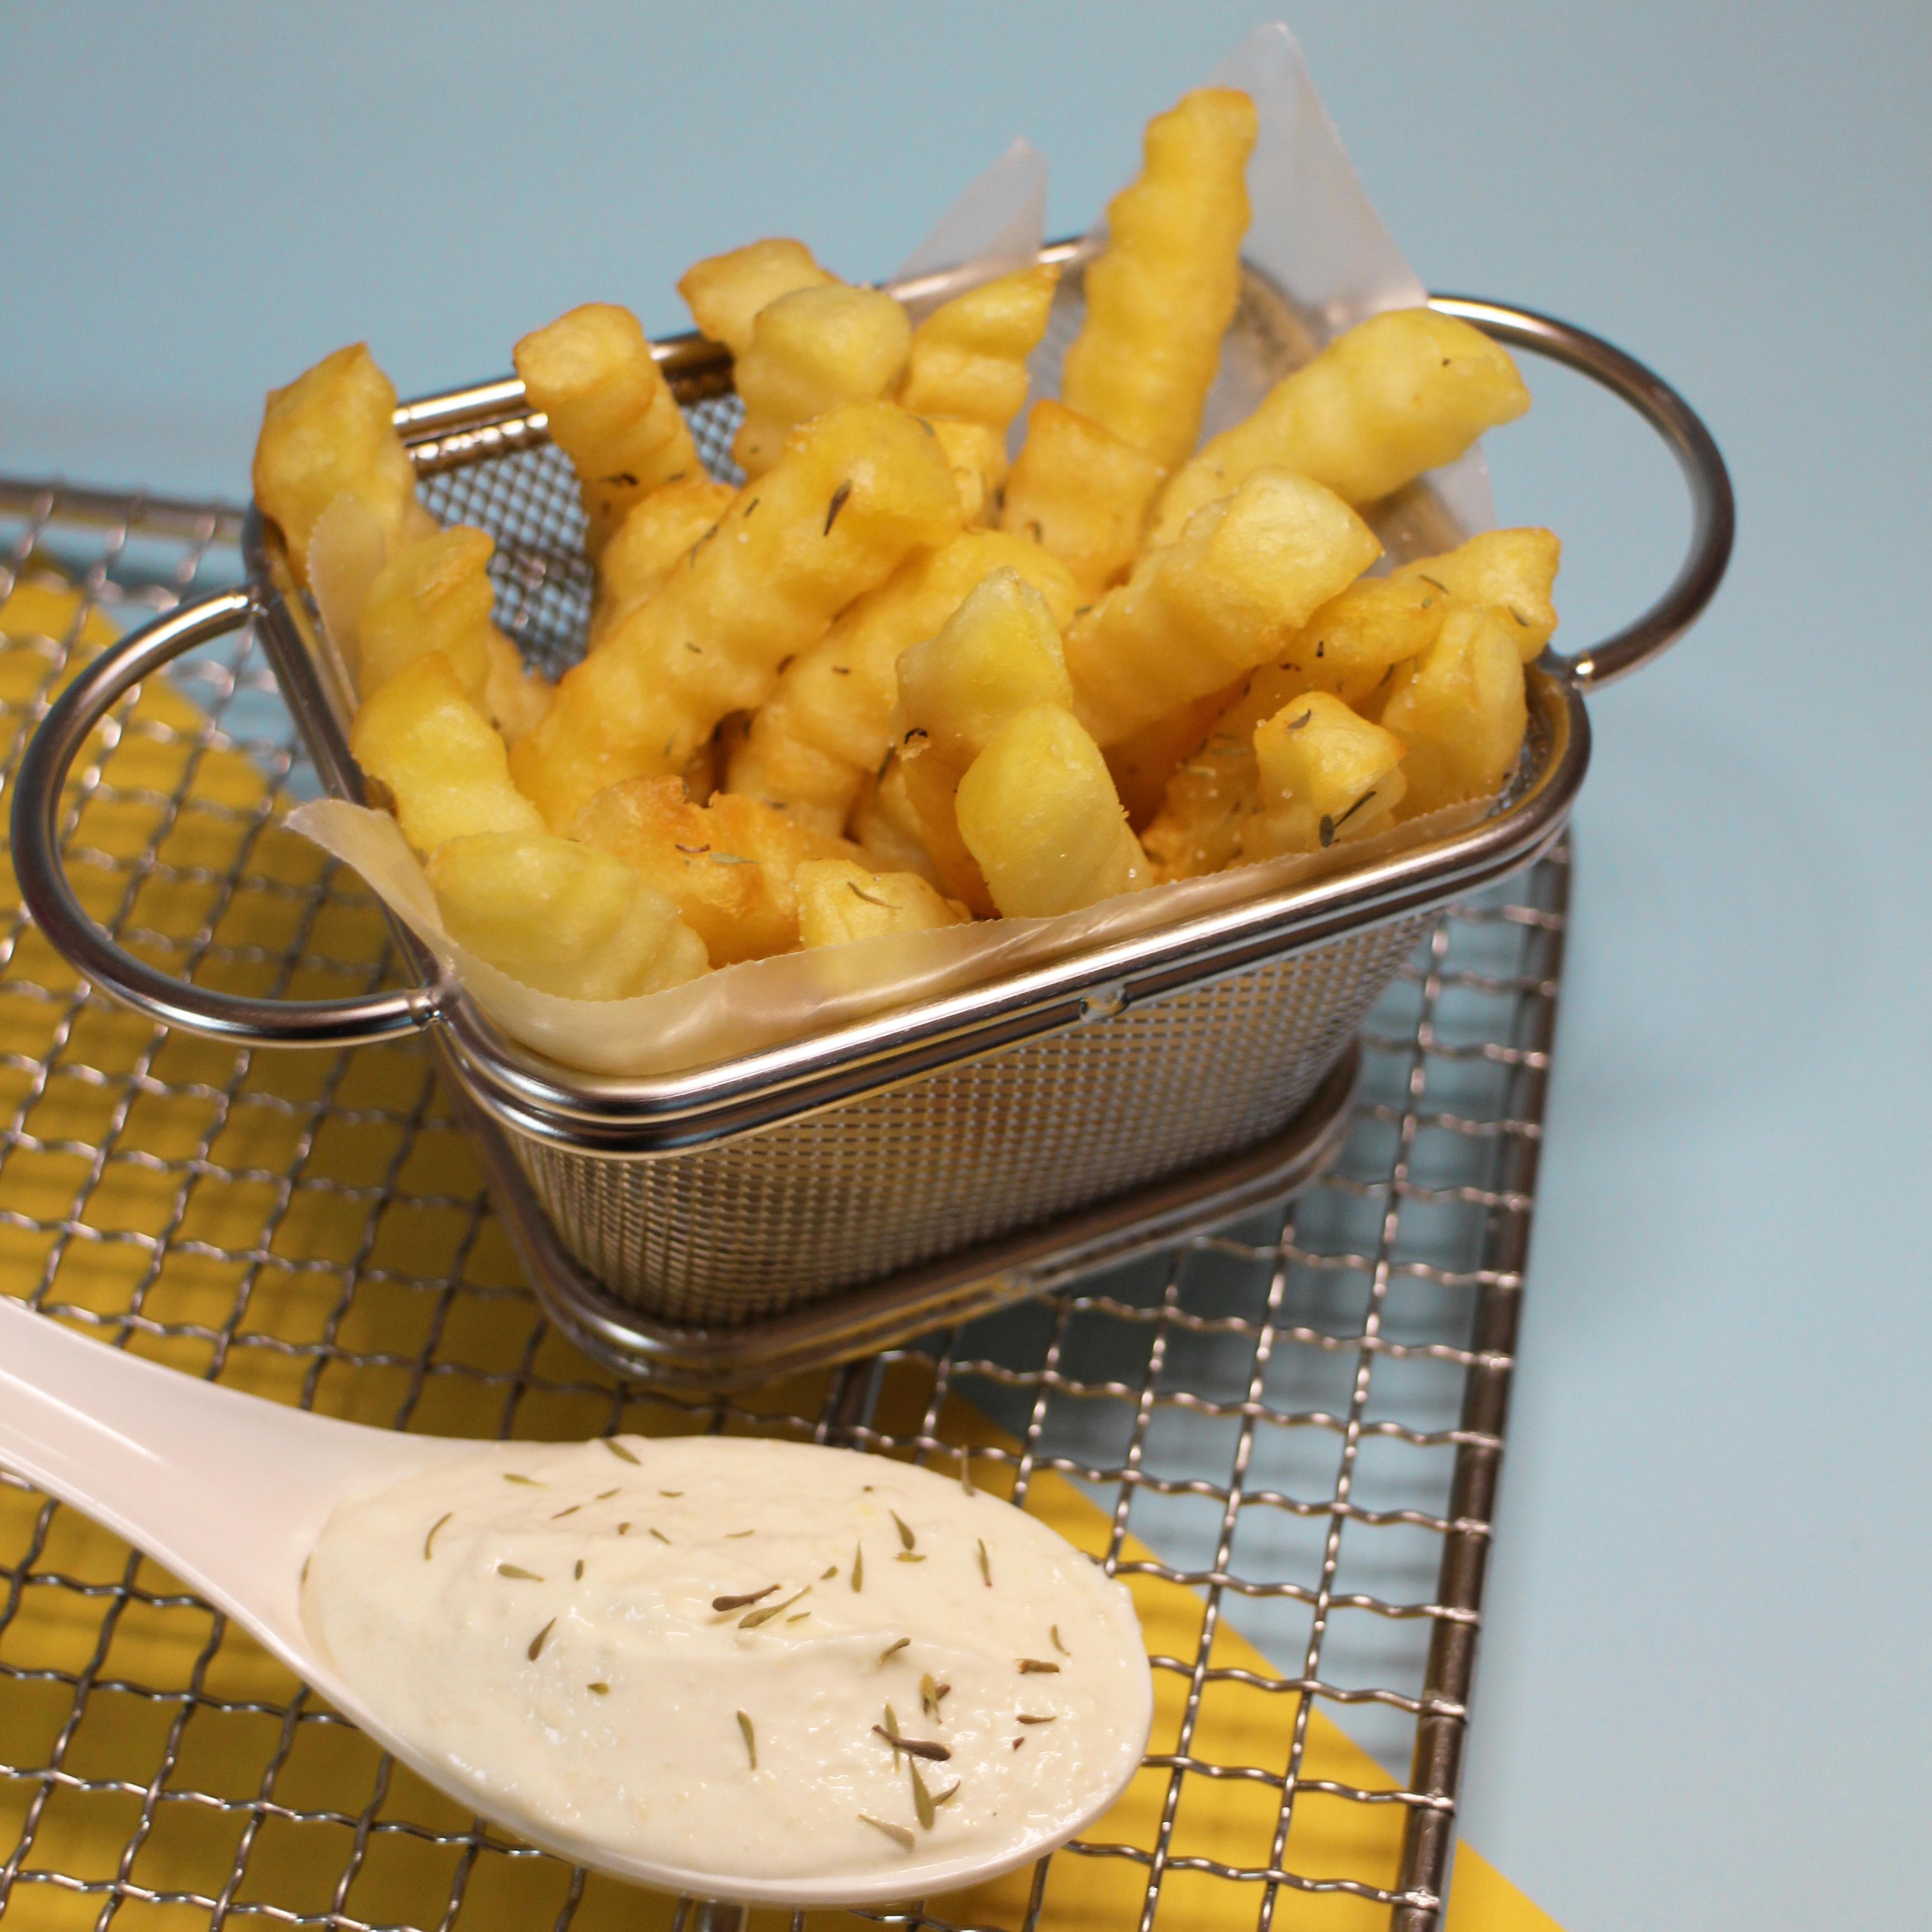 KTT Fries